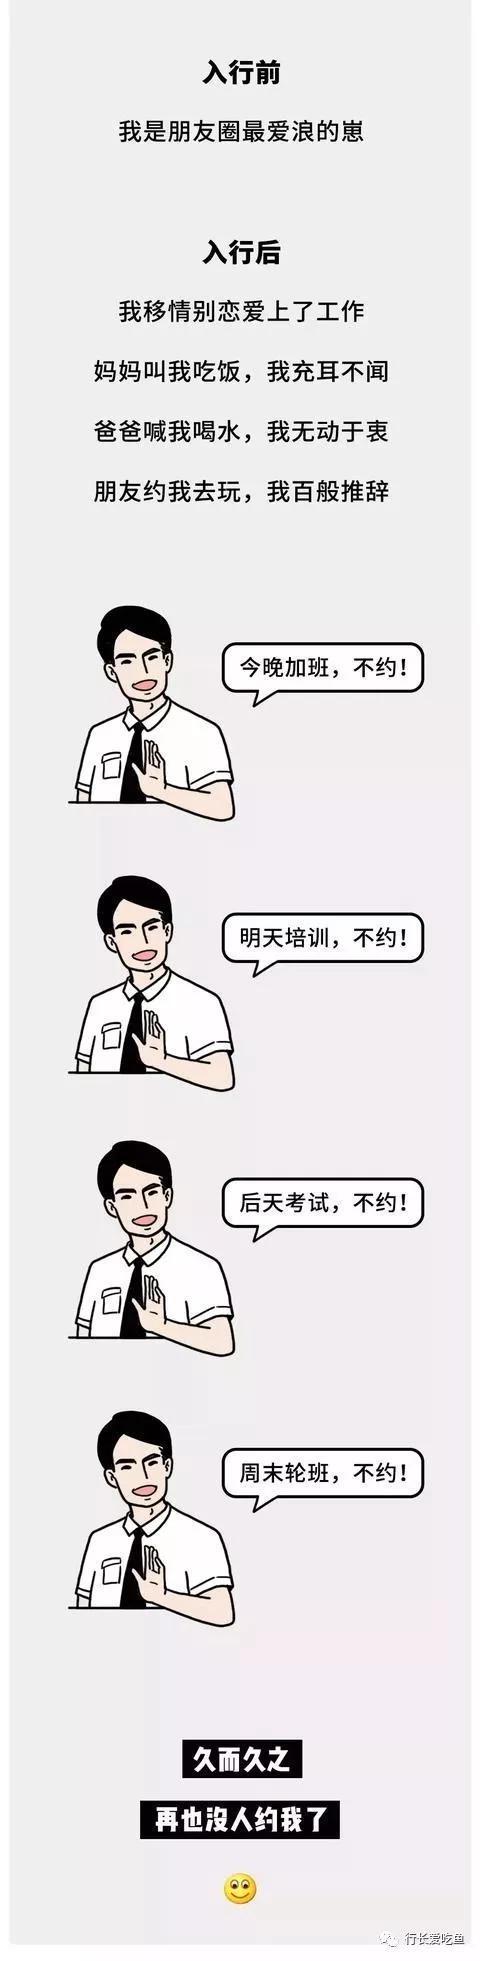 一号娱乐平台充值·两股冷空气抵达中国 盆地东部:你们尽管来,降温算我输